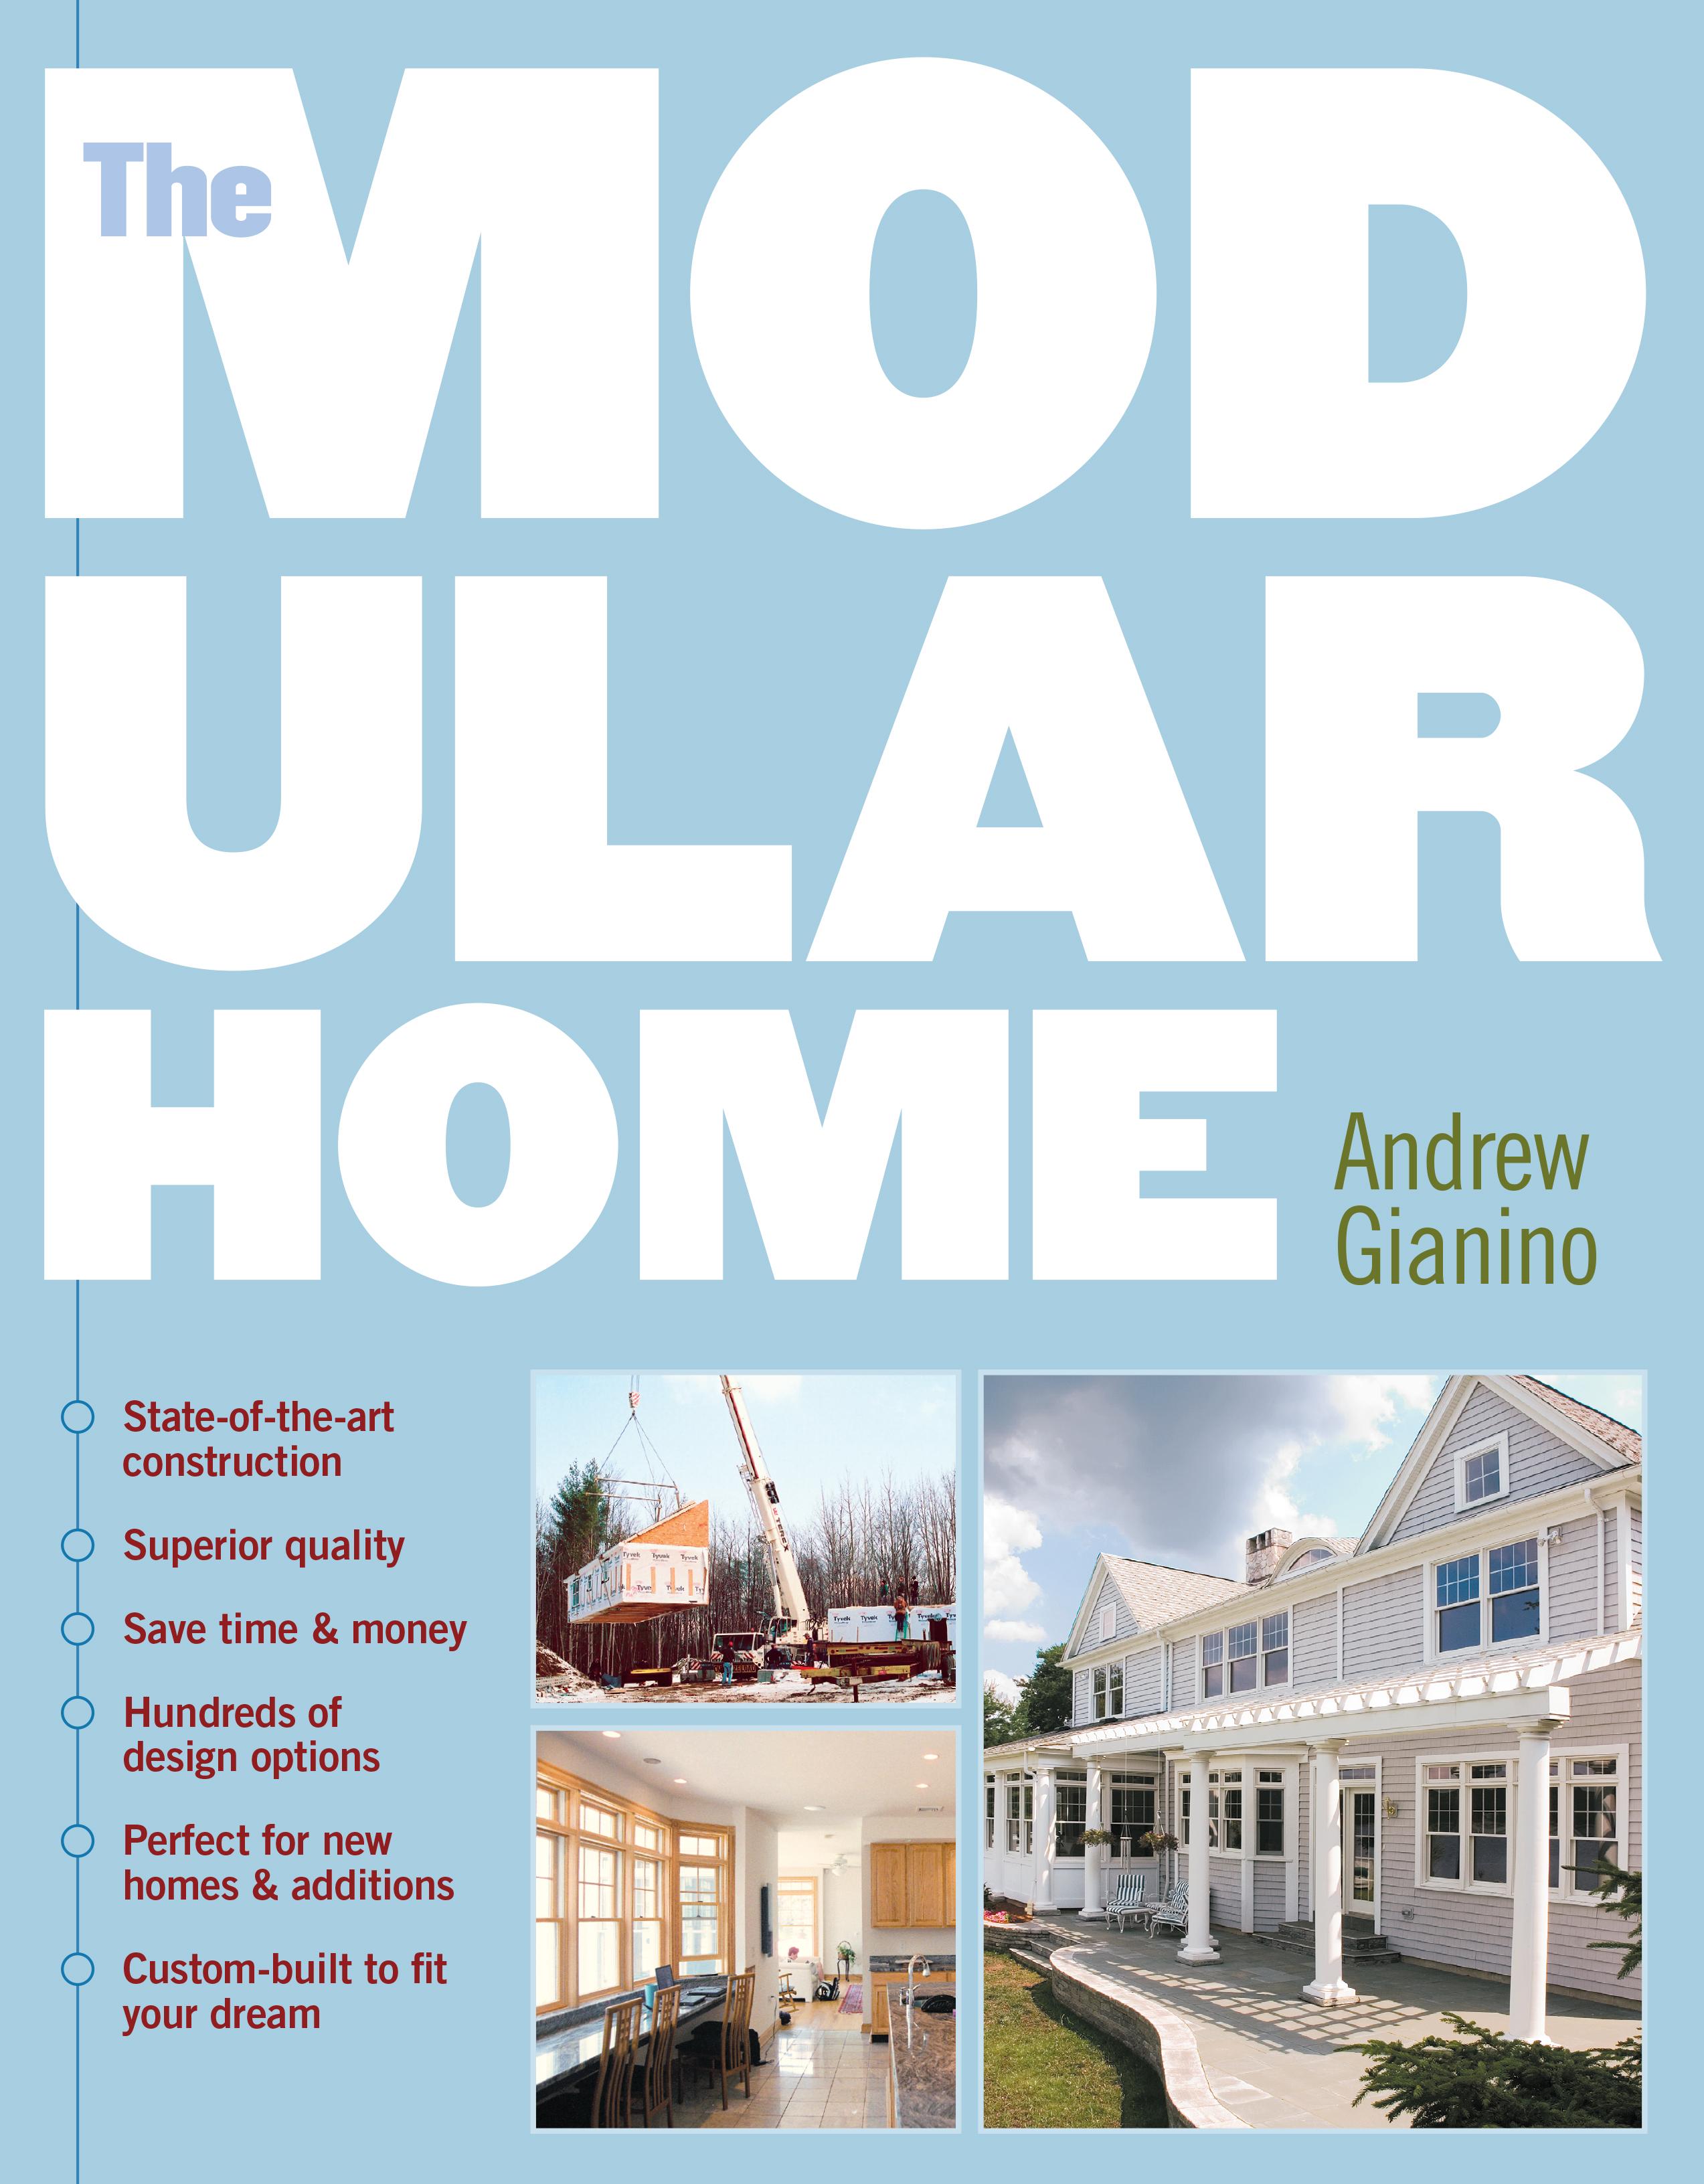 The Modular Home  - Andrew Gianino